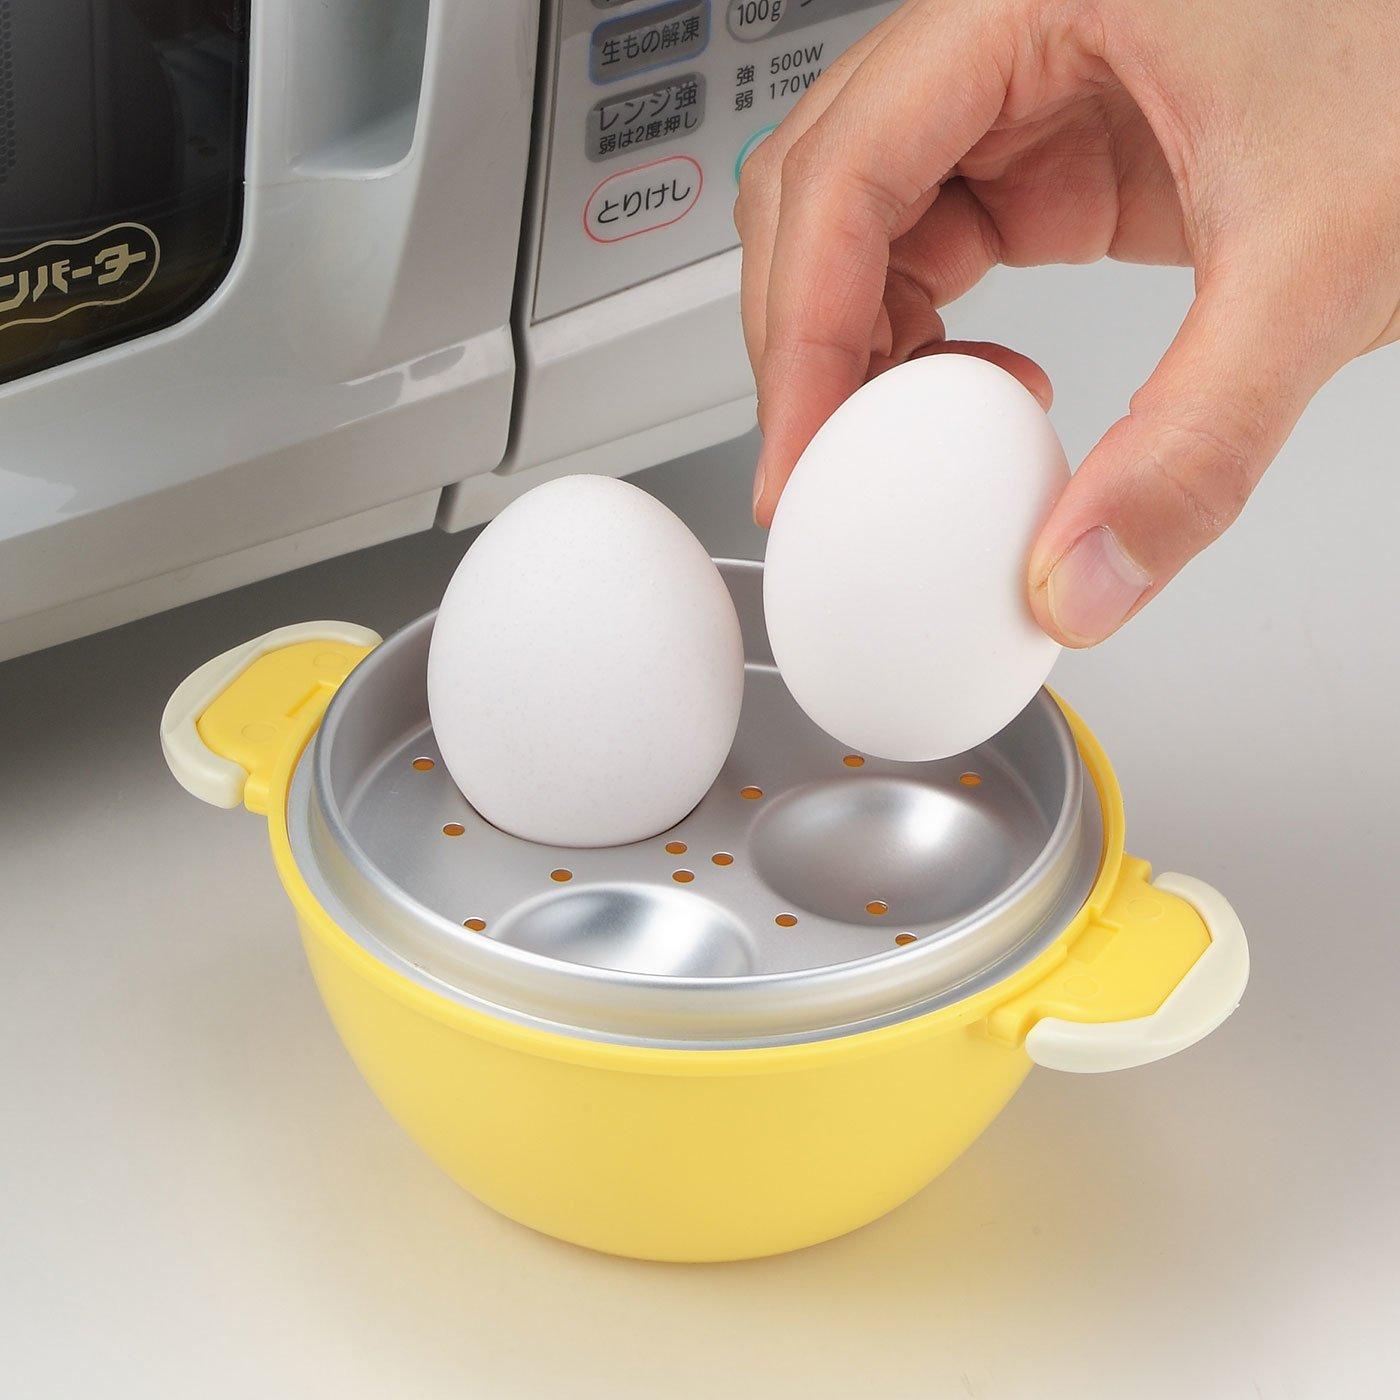 水を入れてレンジで加熱するだけ 好みのかたさに調節できるゆで卵メーカー